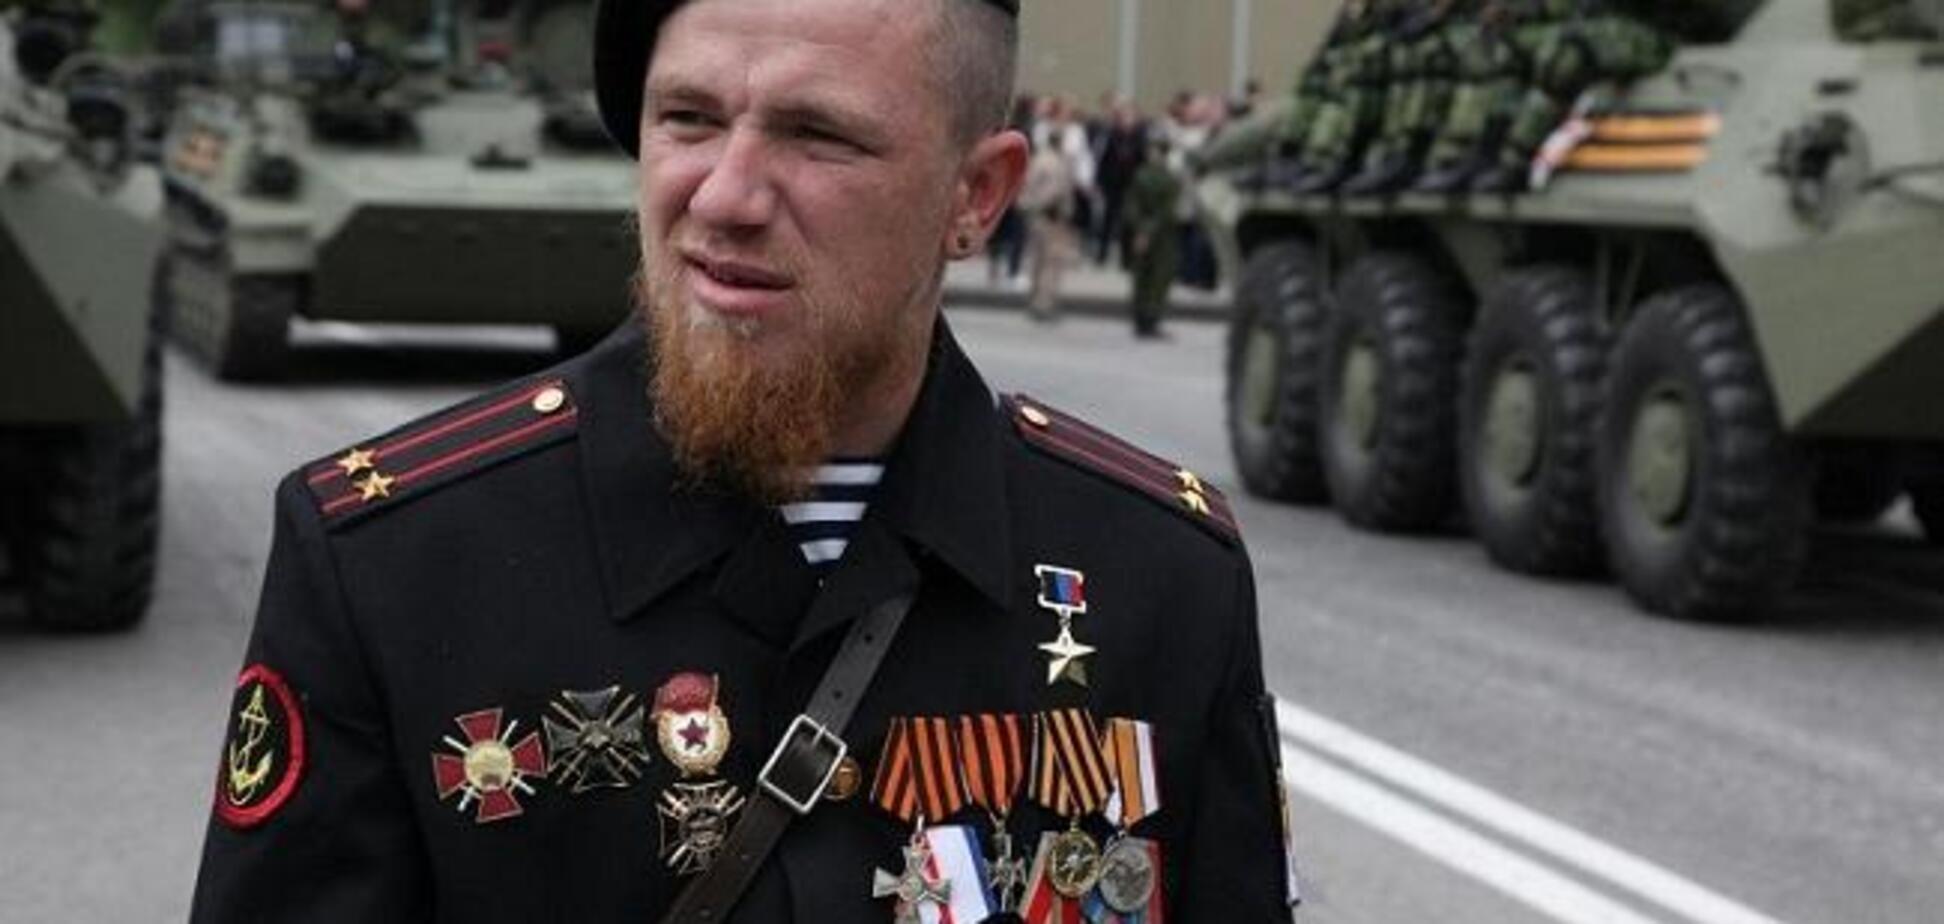 Заплевать же могут: в 'ДНР' странным образом почтили 'героя' Моторолу